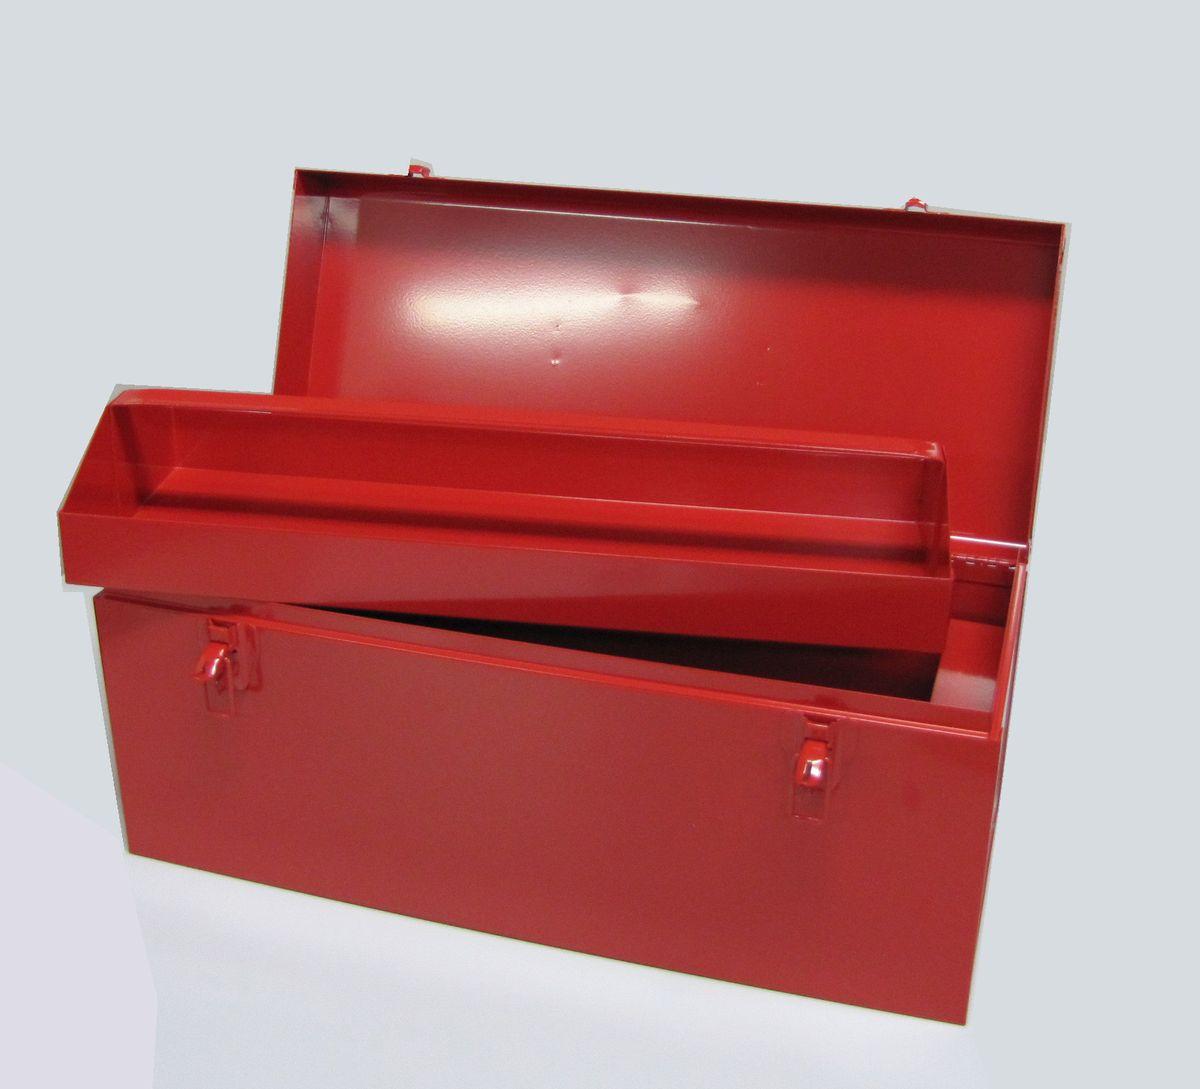 【メーカー在庫あり】 エスコ ESCO 533x222x229mm 工具箱(スティール製) 000012046037 HD